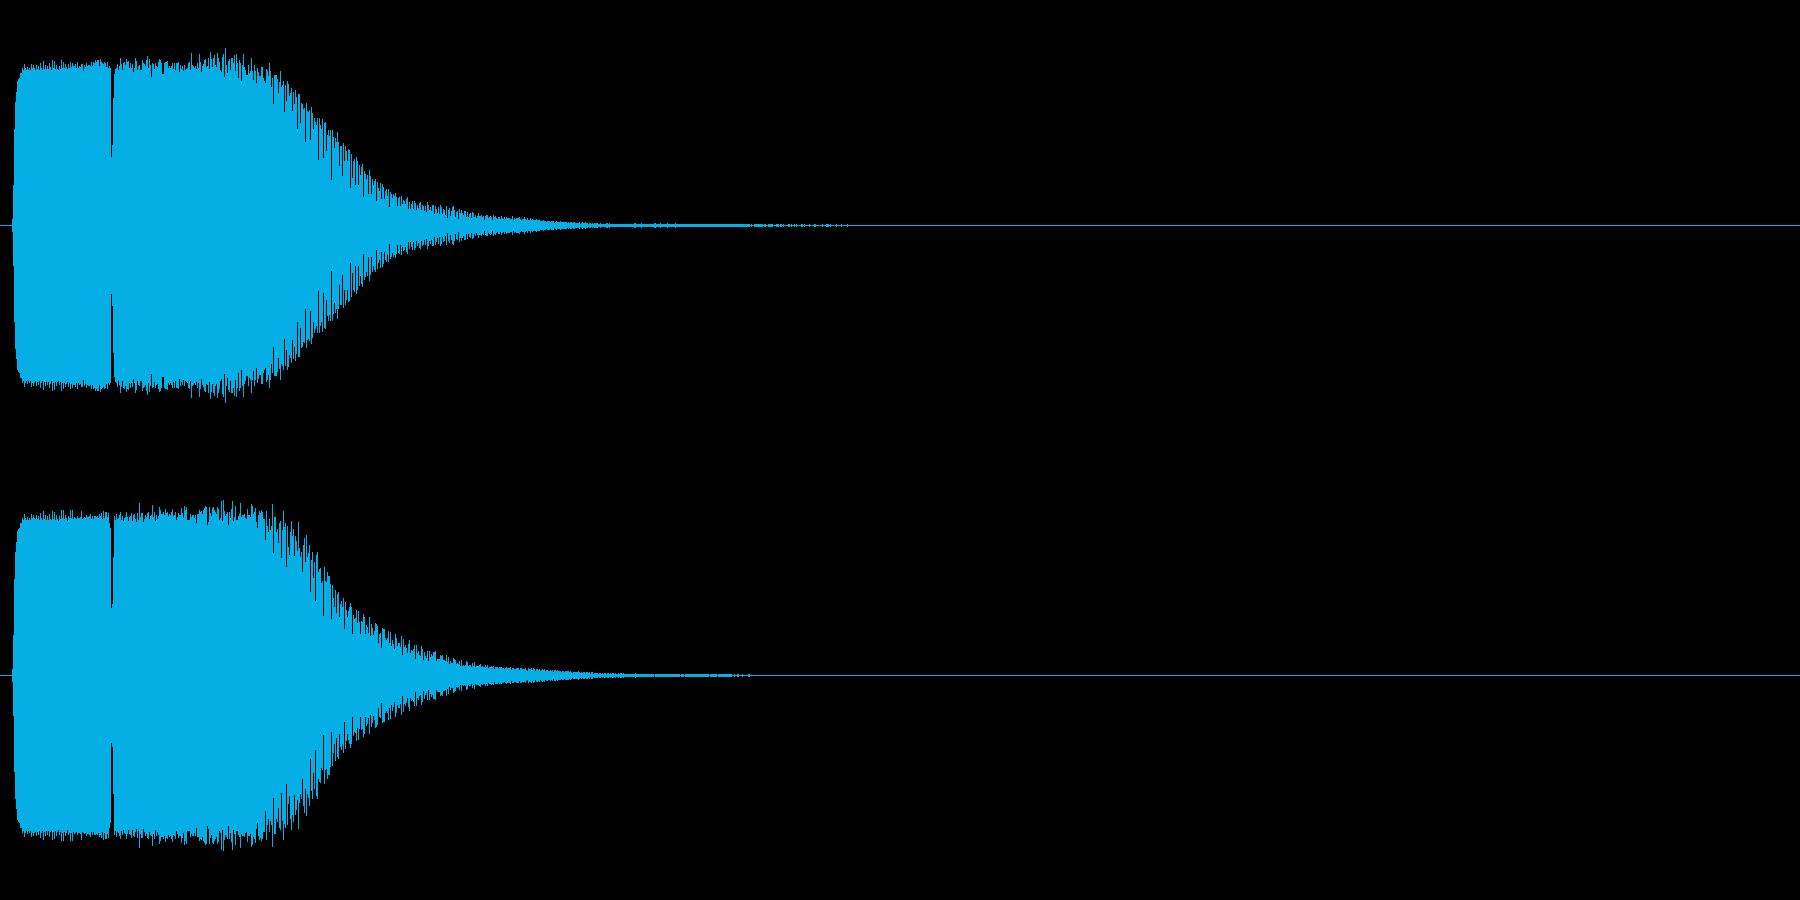 エラー(メッセージ,通知,停止)_05の再生済みの波形